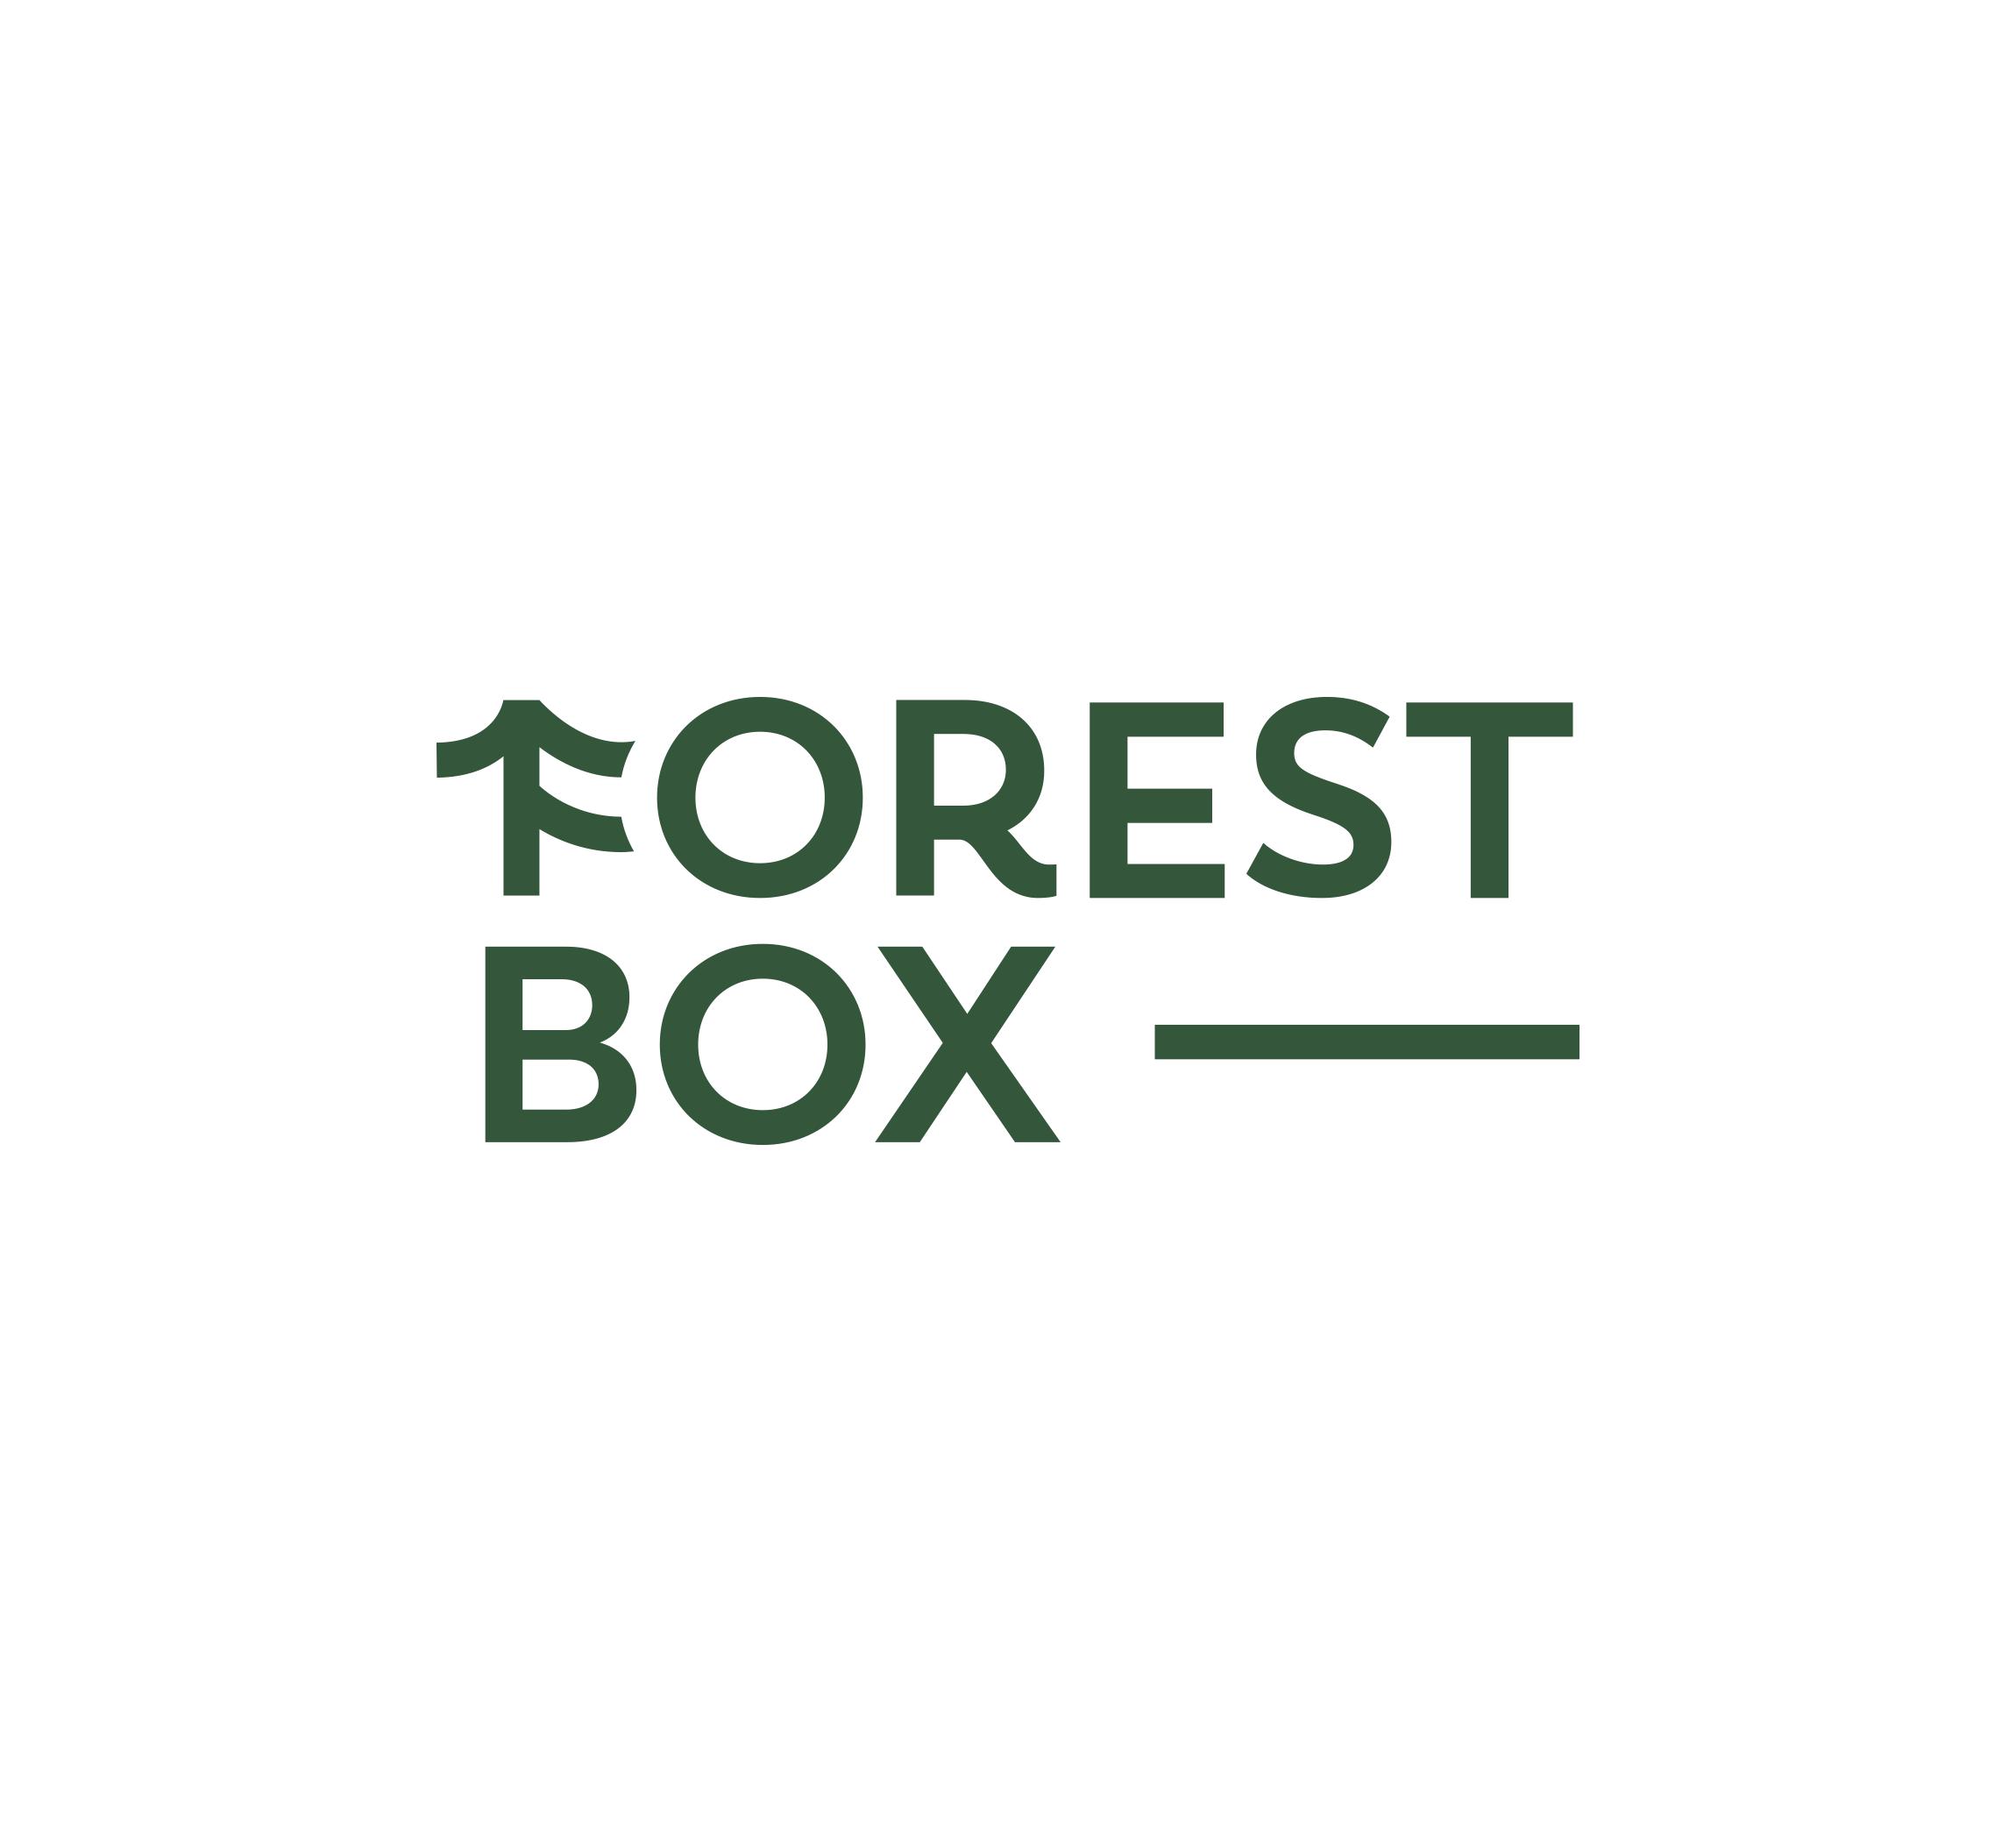 Forest Box, producent skrzynek oraz pudełek drewnianych — propozycja logo